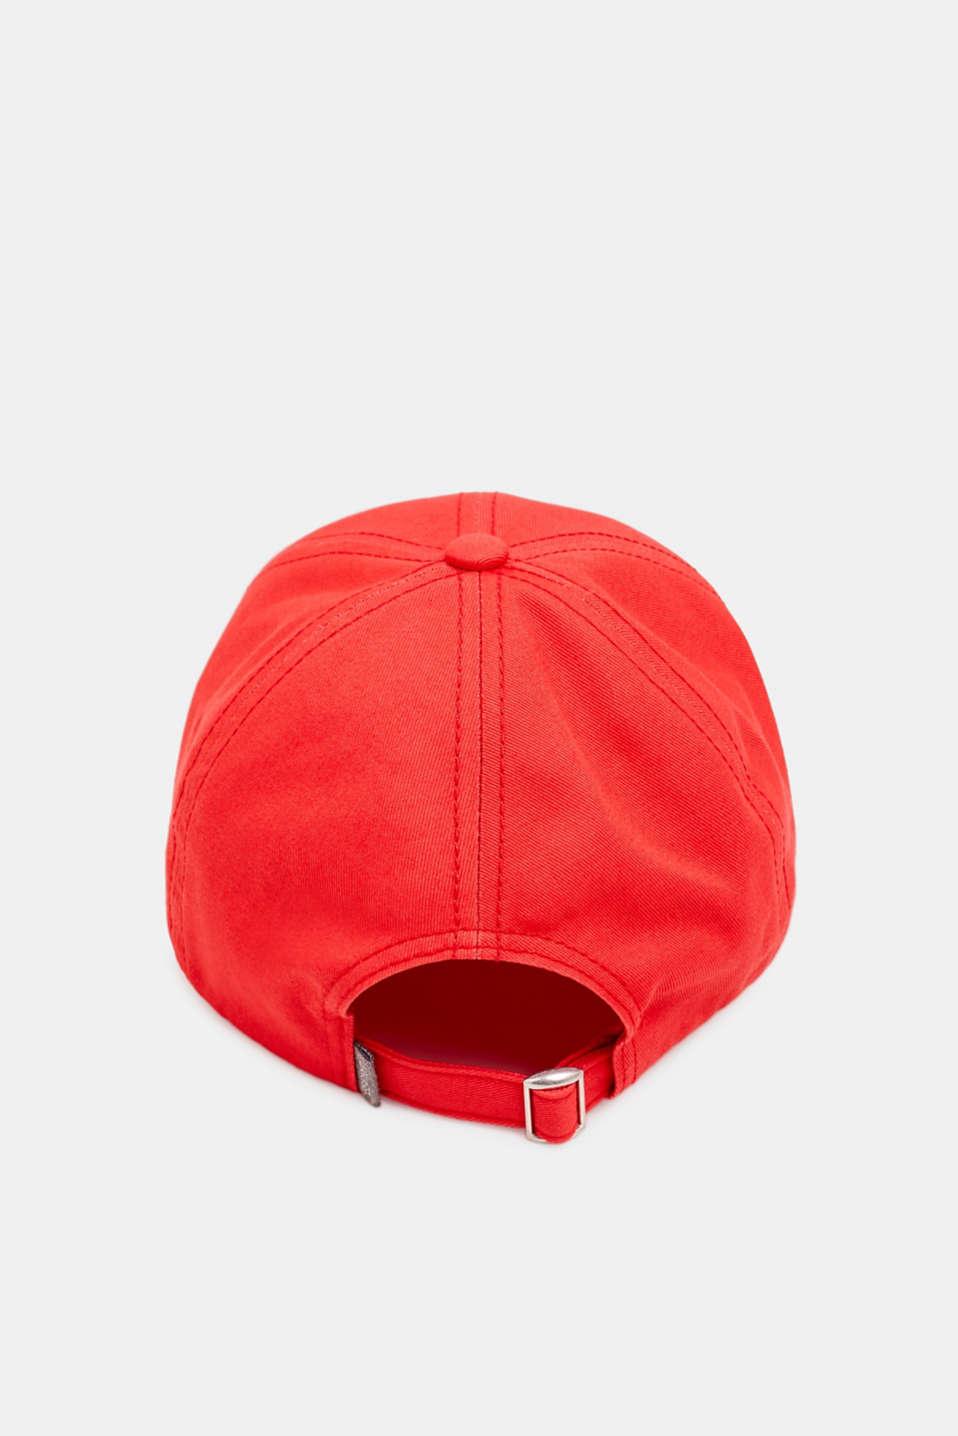 CRAIG & KARL: 100% cotton baseball cap, RED, detail image number 3